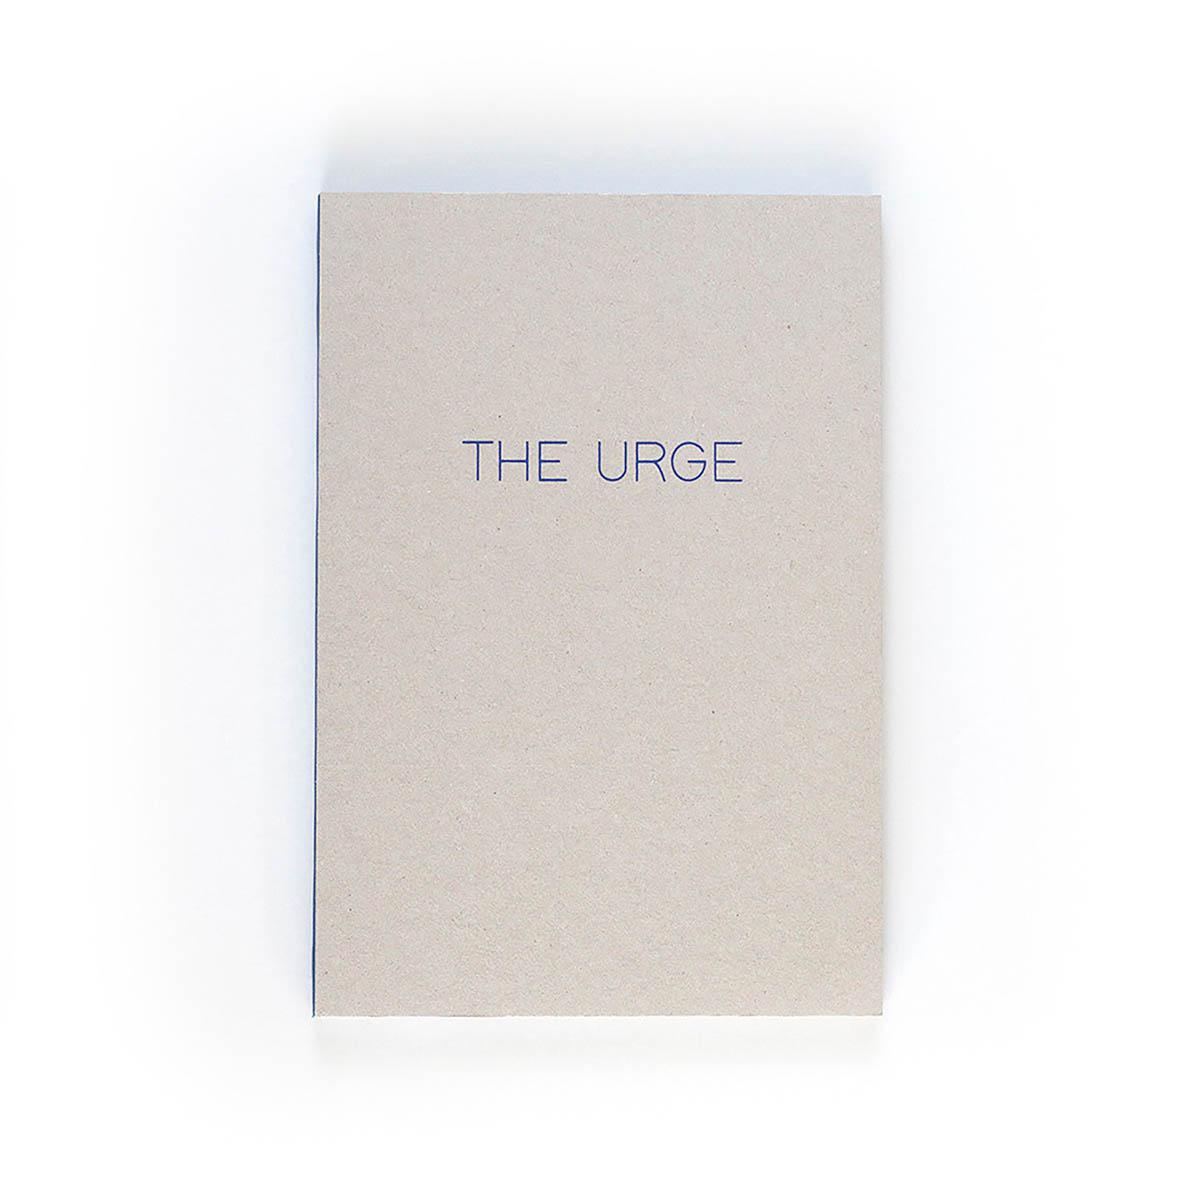 Ταϊρης Δημητρης, <em>The Urge</em>, 2020_02